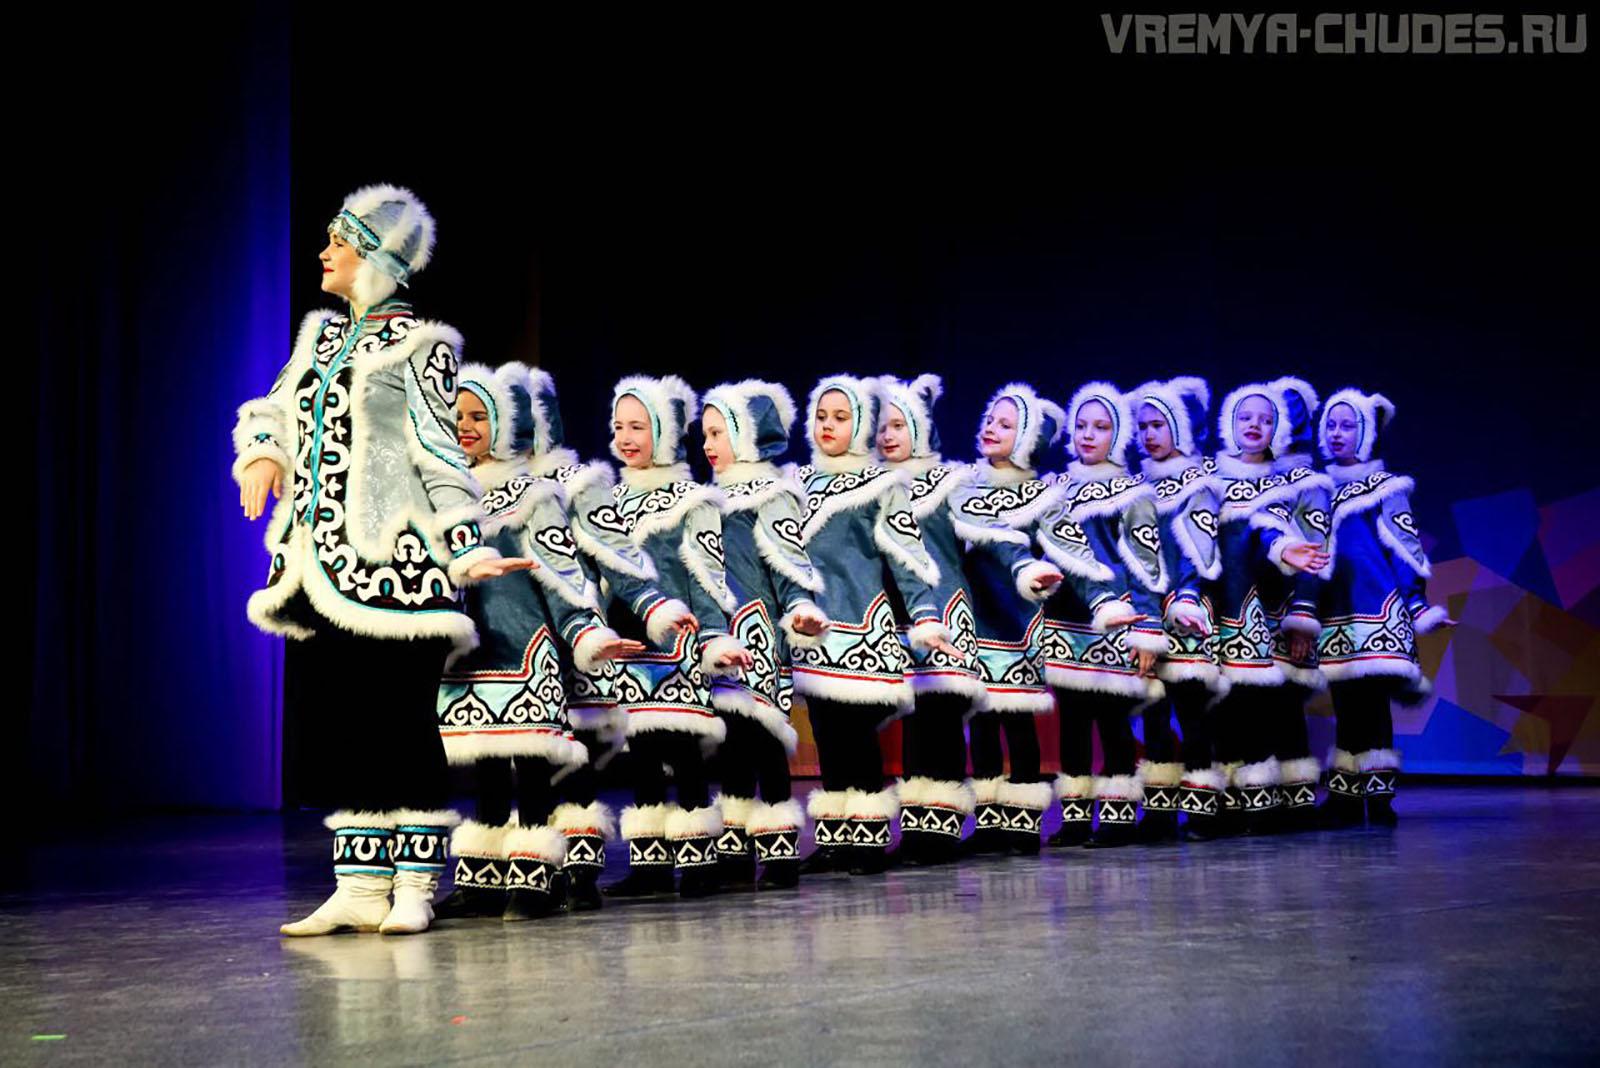 Конкурсы театров моды в санкт петербурге